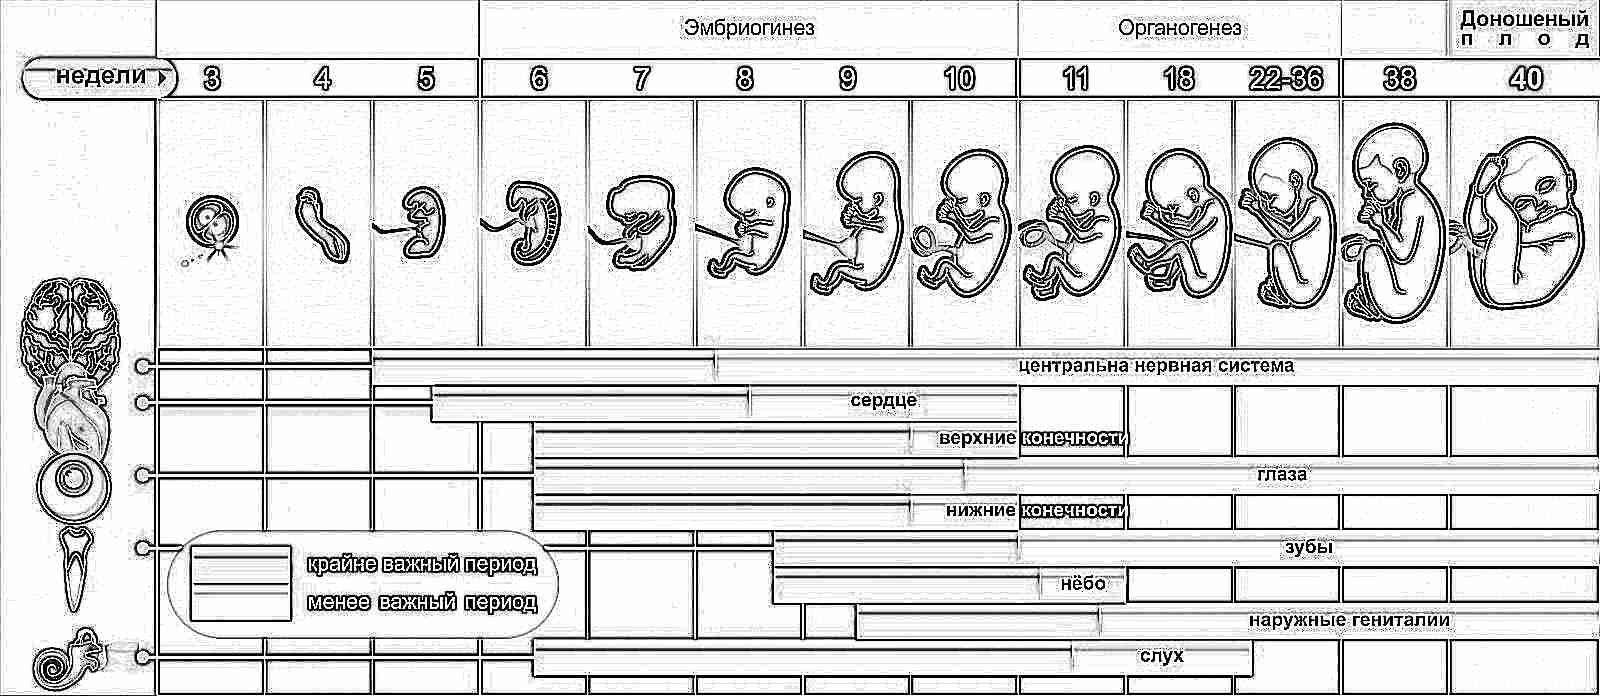 От этого срока врачи начинают определять акушерский срок беременности. Он  измеряется в неделях. 3ae06efb474